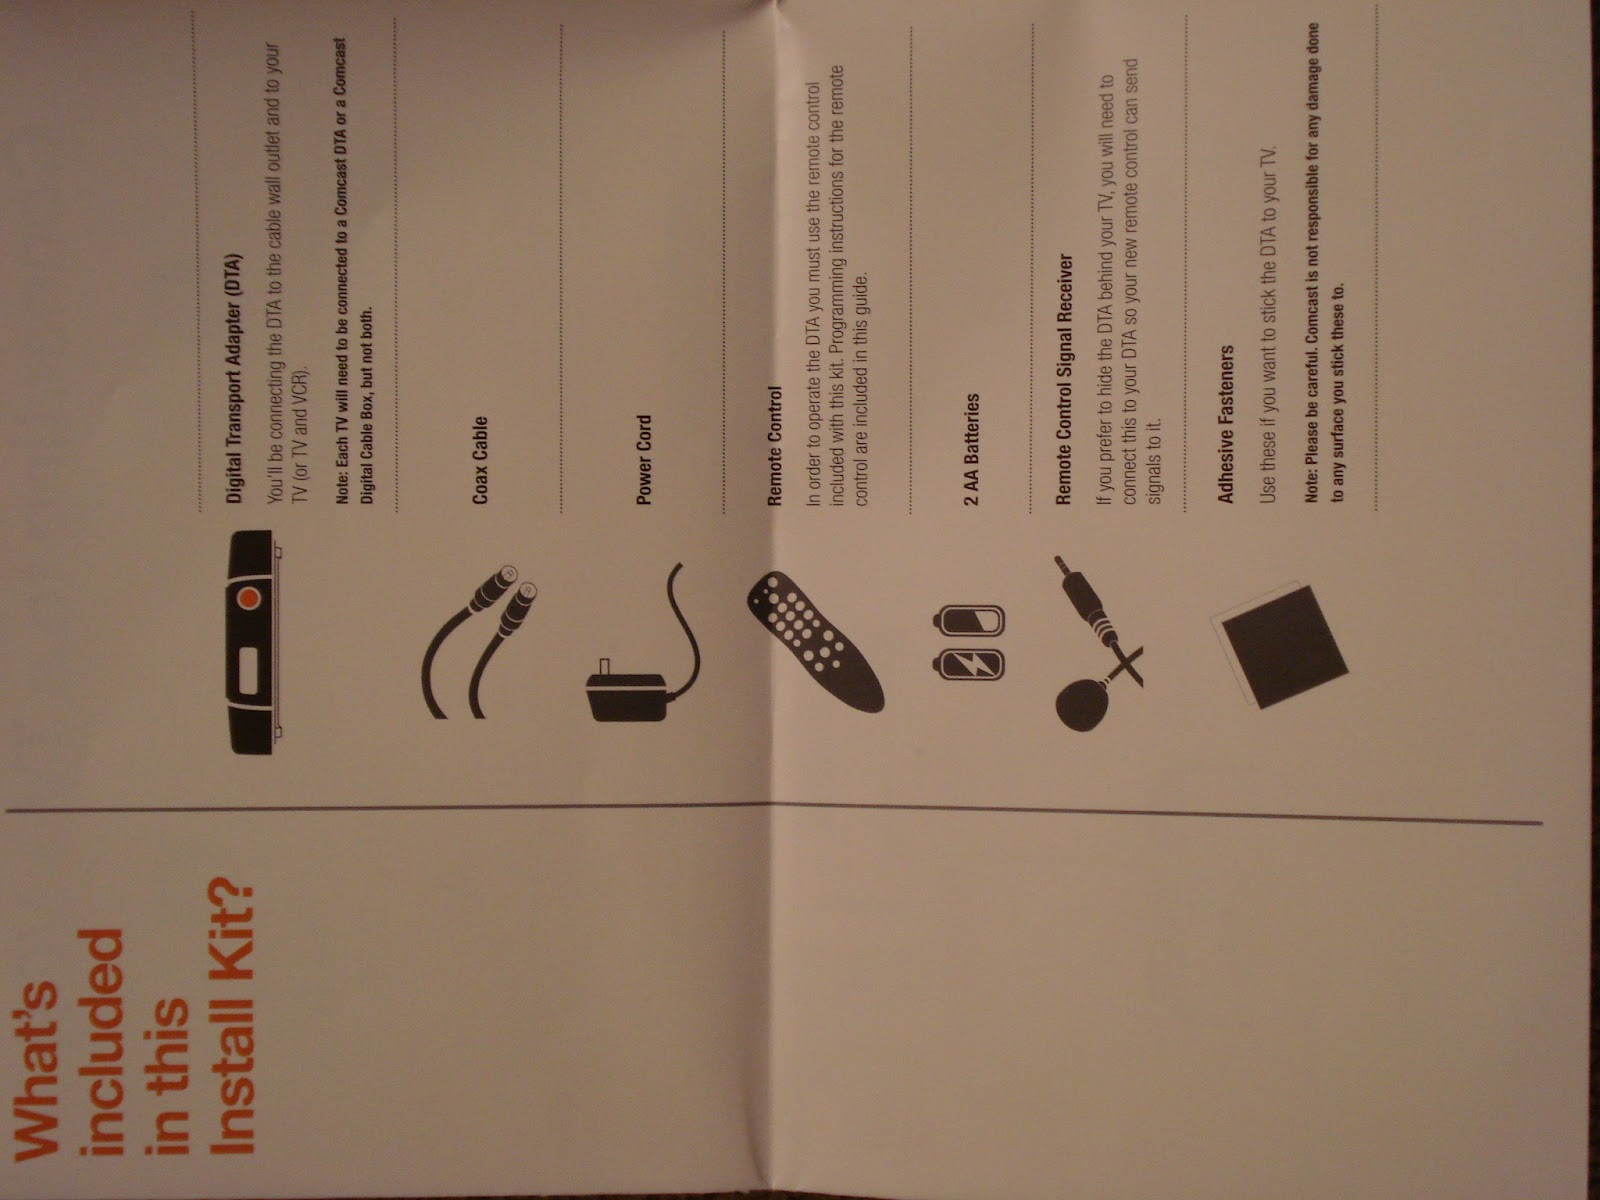 Comcast dta Box Manual